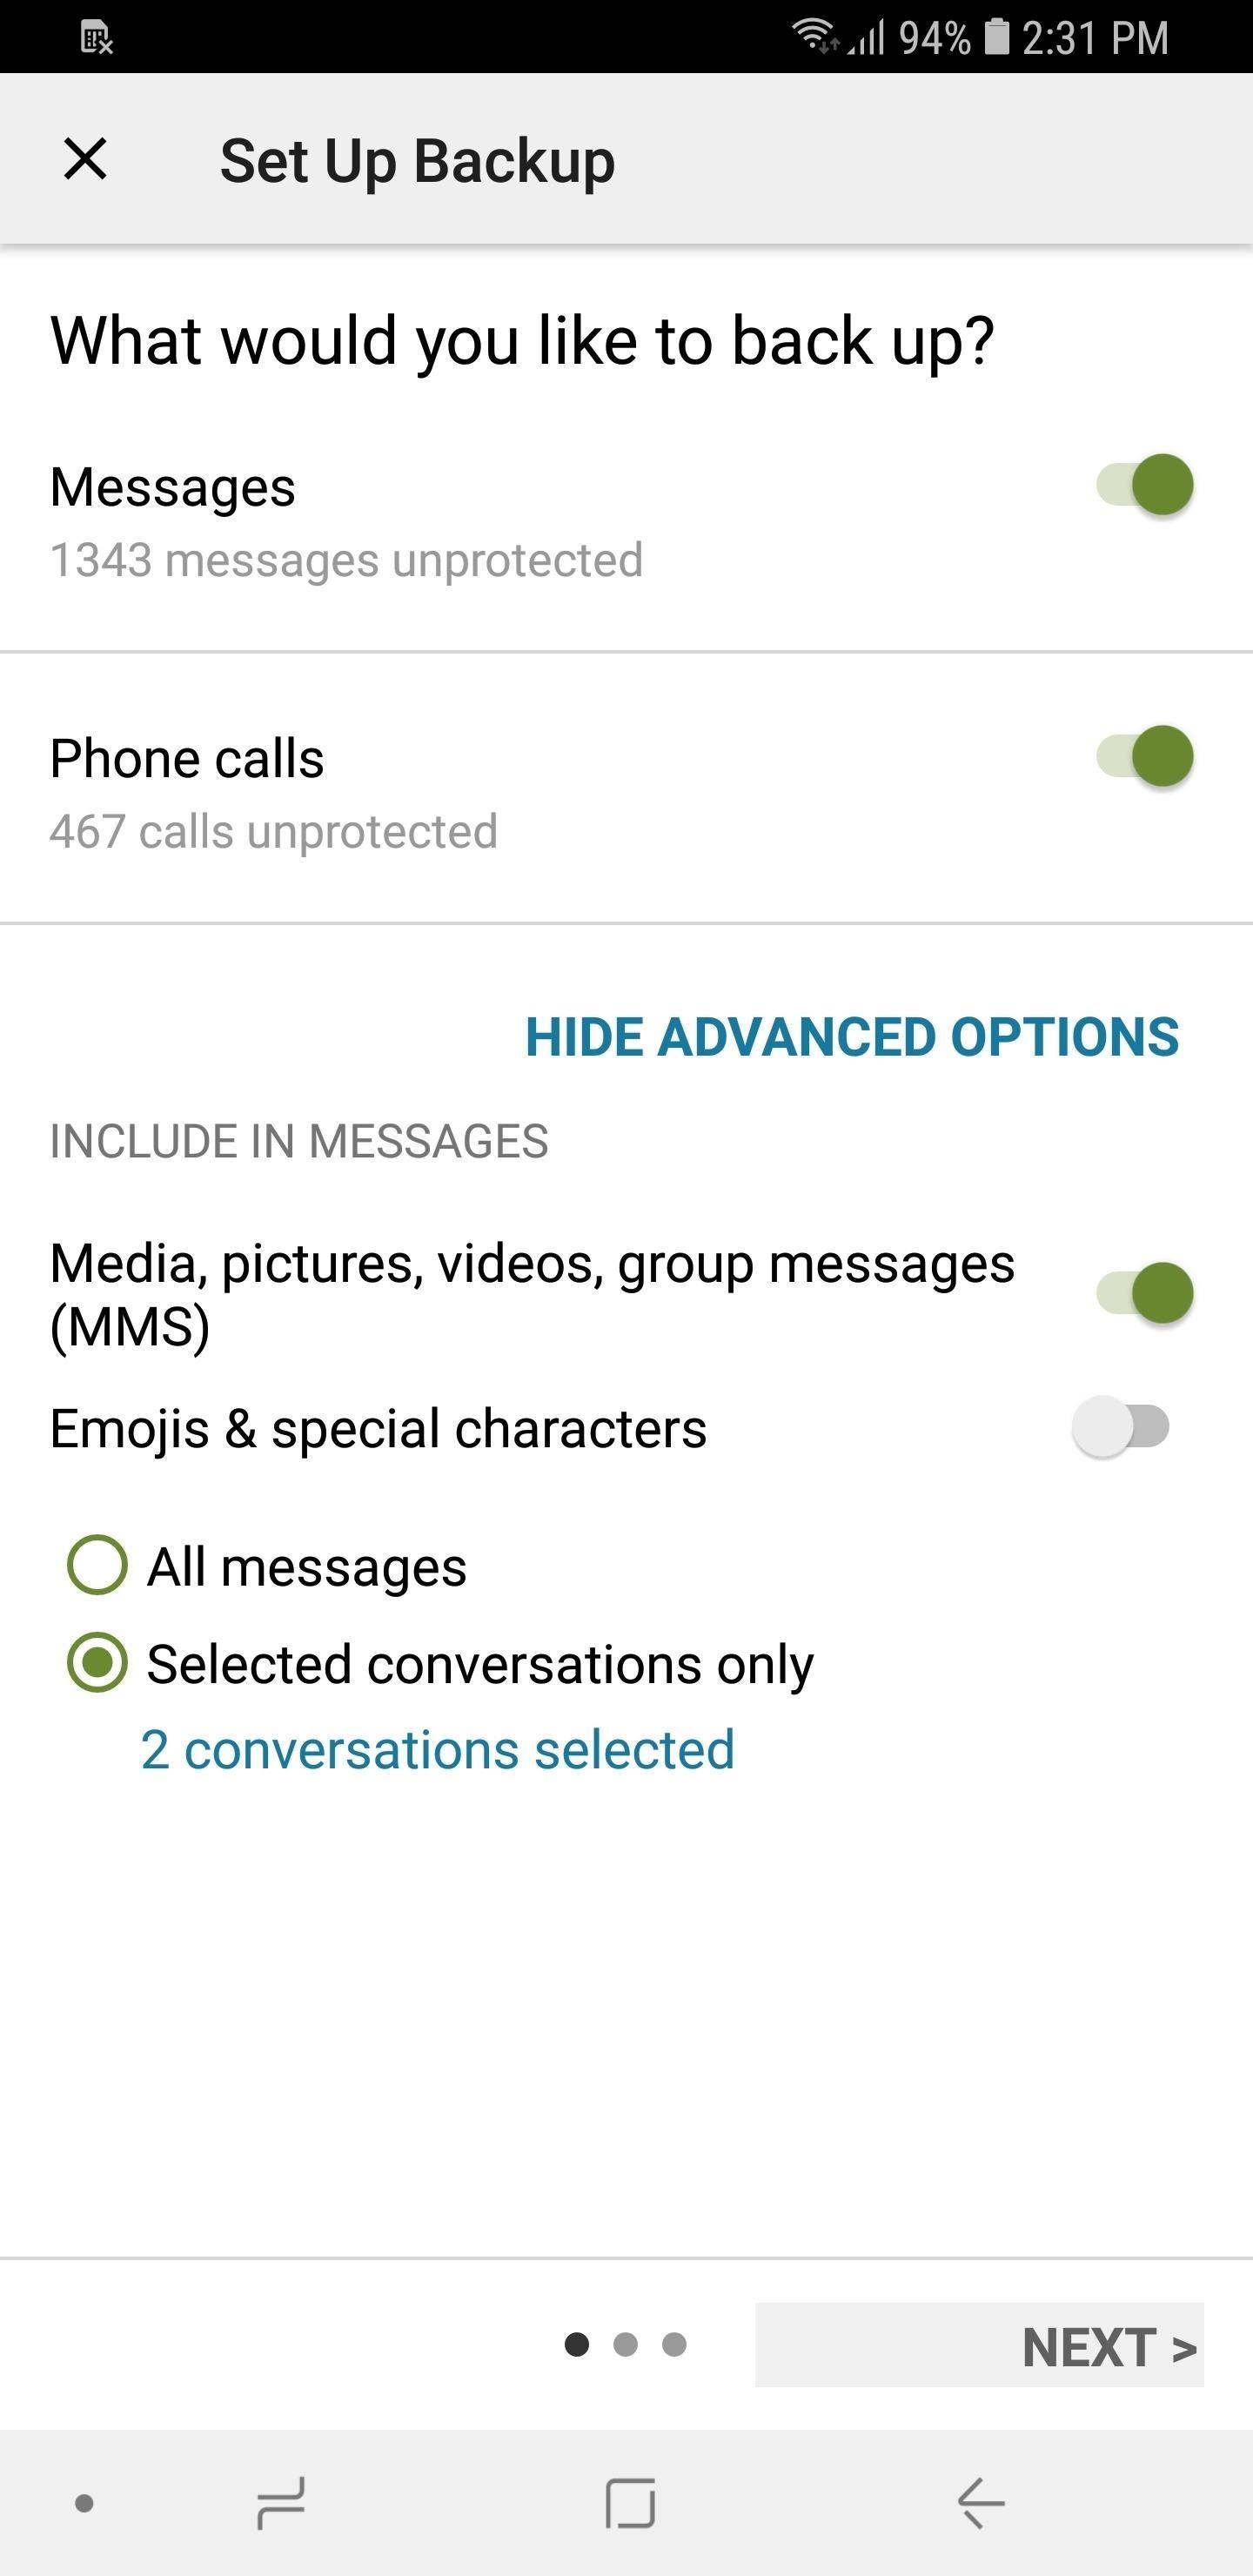 كيفية استخراج والنسخ الاحتياطي لجميع الرسائل النصية الخاصة بك على الروبوت